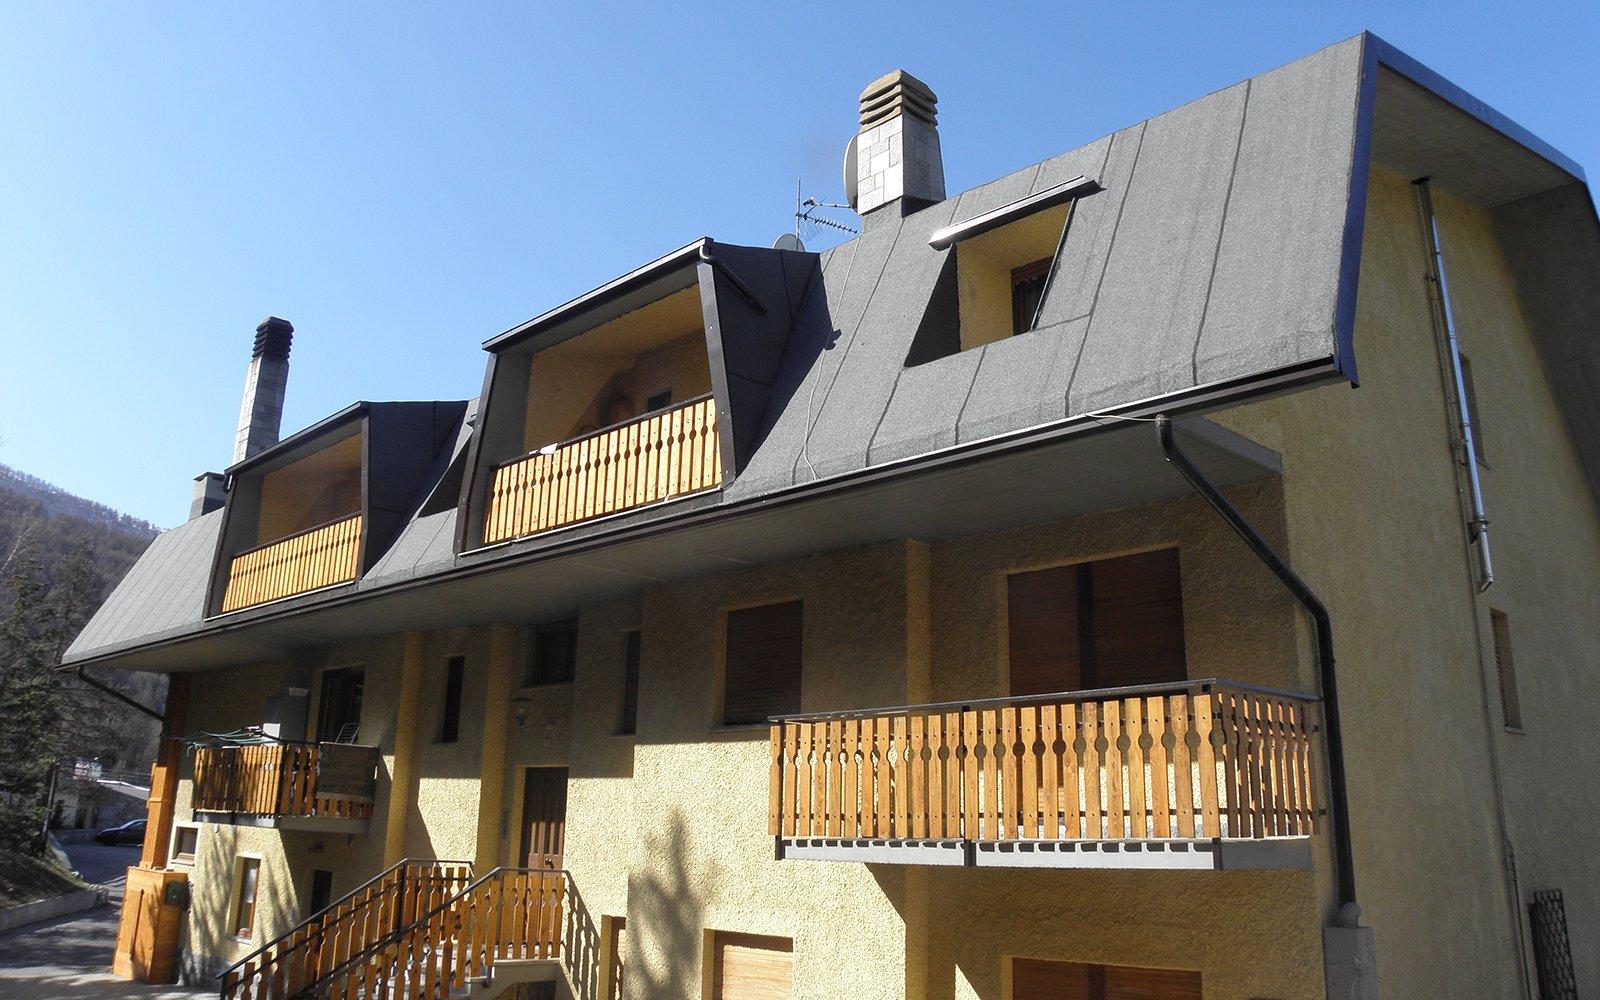 Impermeabilizzazione del tetto di una casa